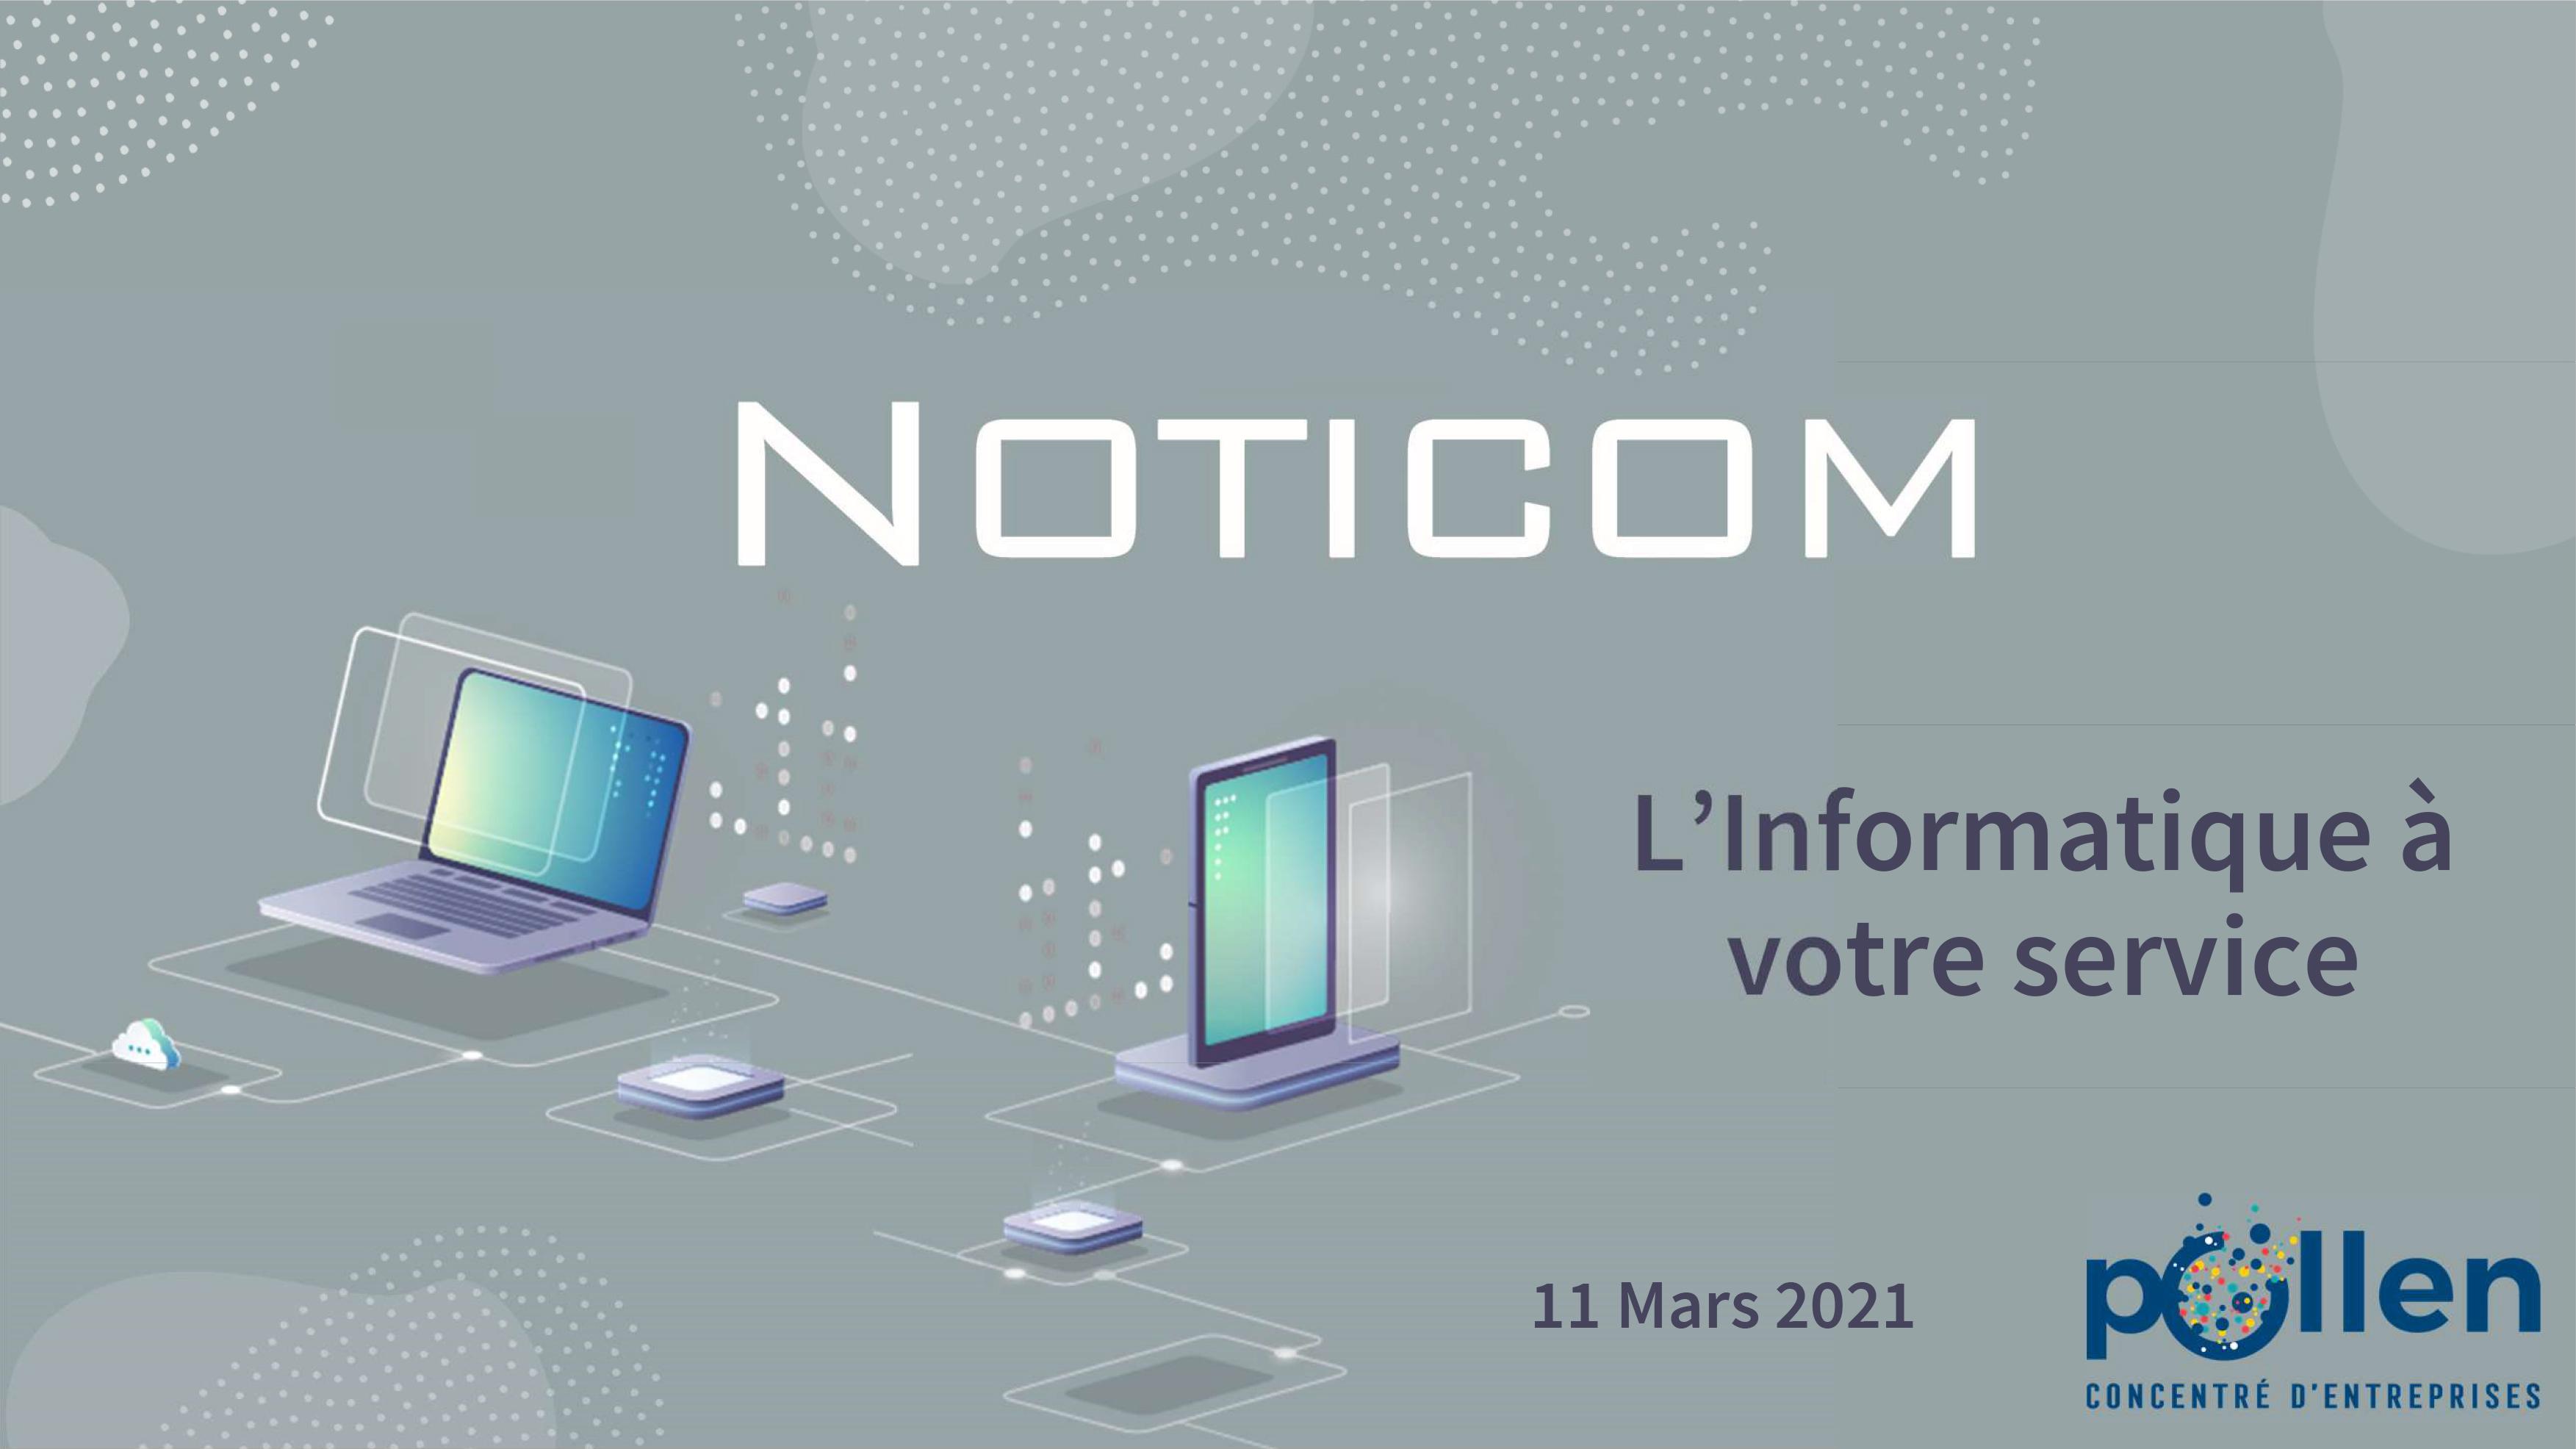 POLLEN Concentré d'entreprise - NOTICOM L'informatique à votre service